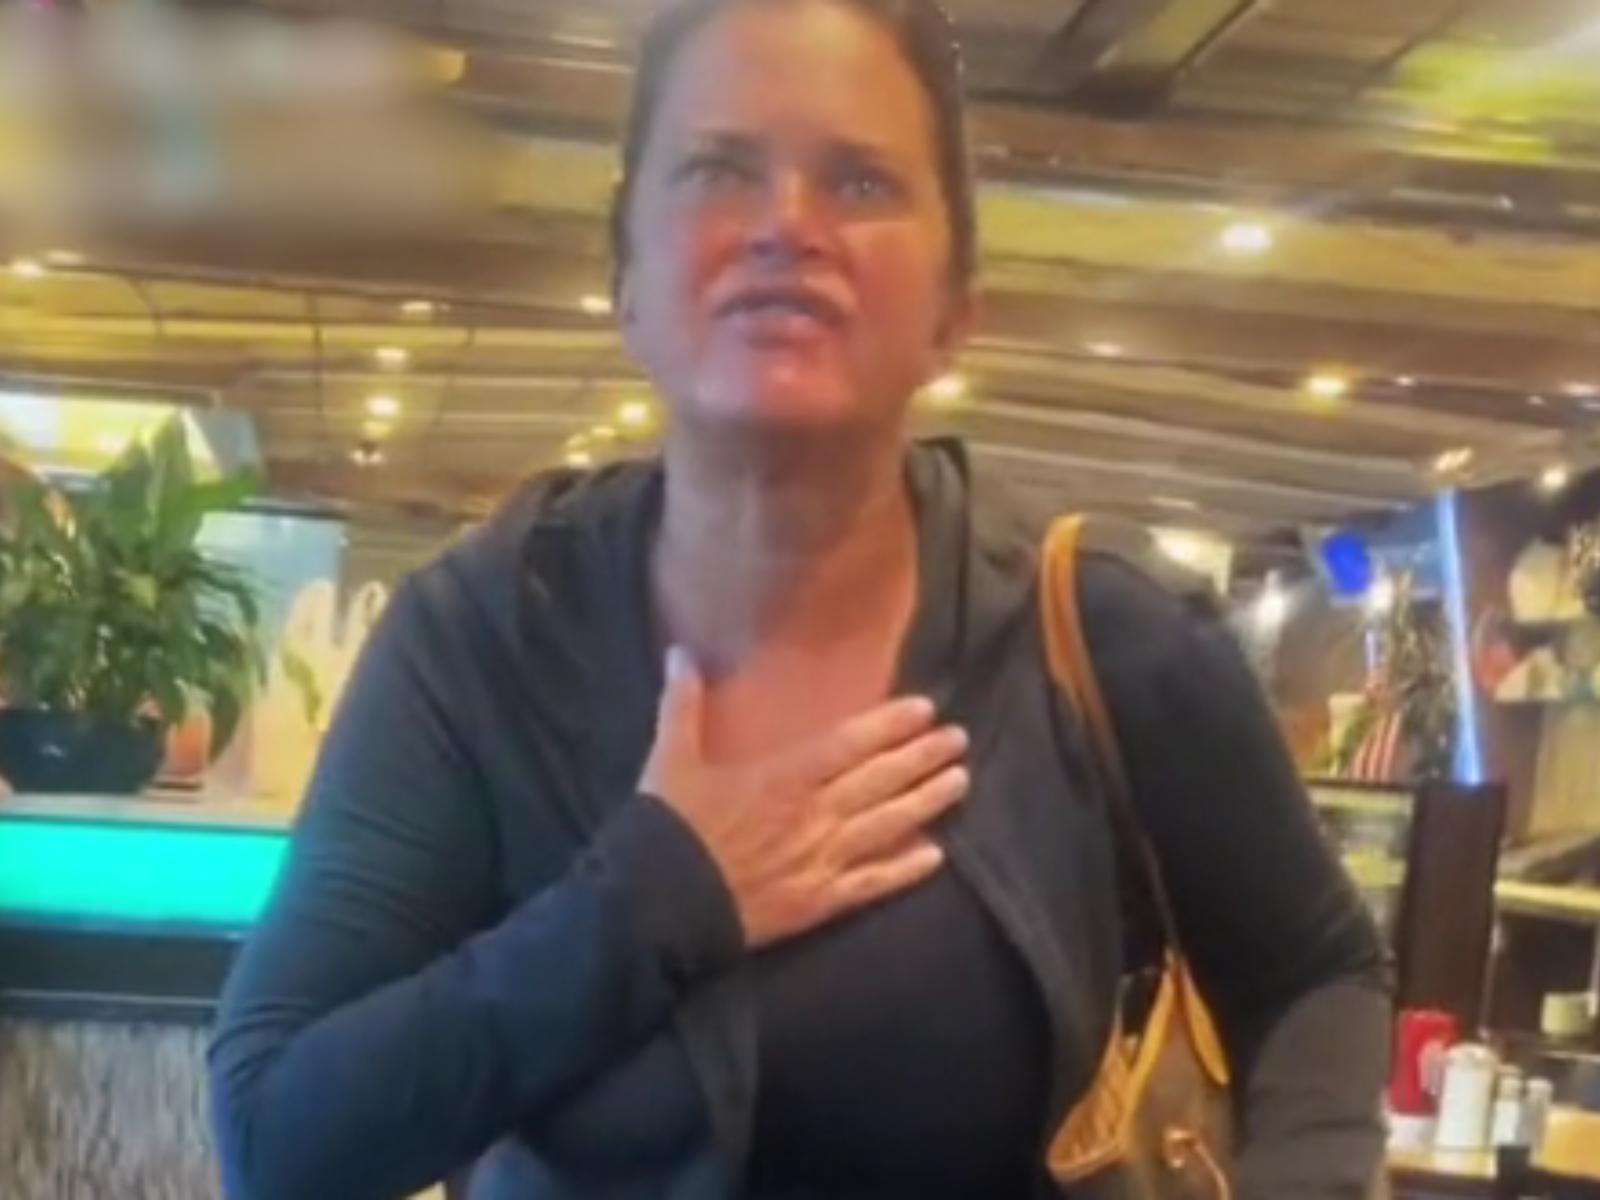 γυναίκα-απαίτησε-να-φύγει-οικογένεια-από-εστιατόριο-που-είχε-παιδί-με-αυτισμό-